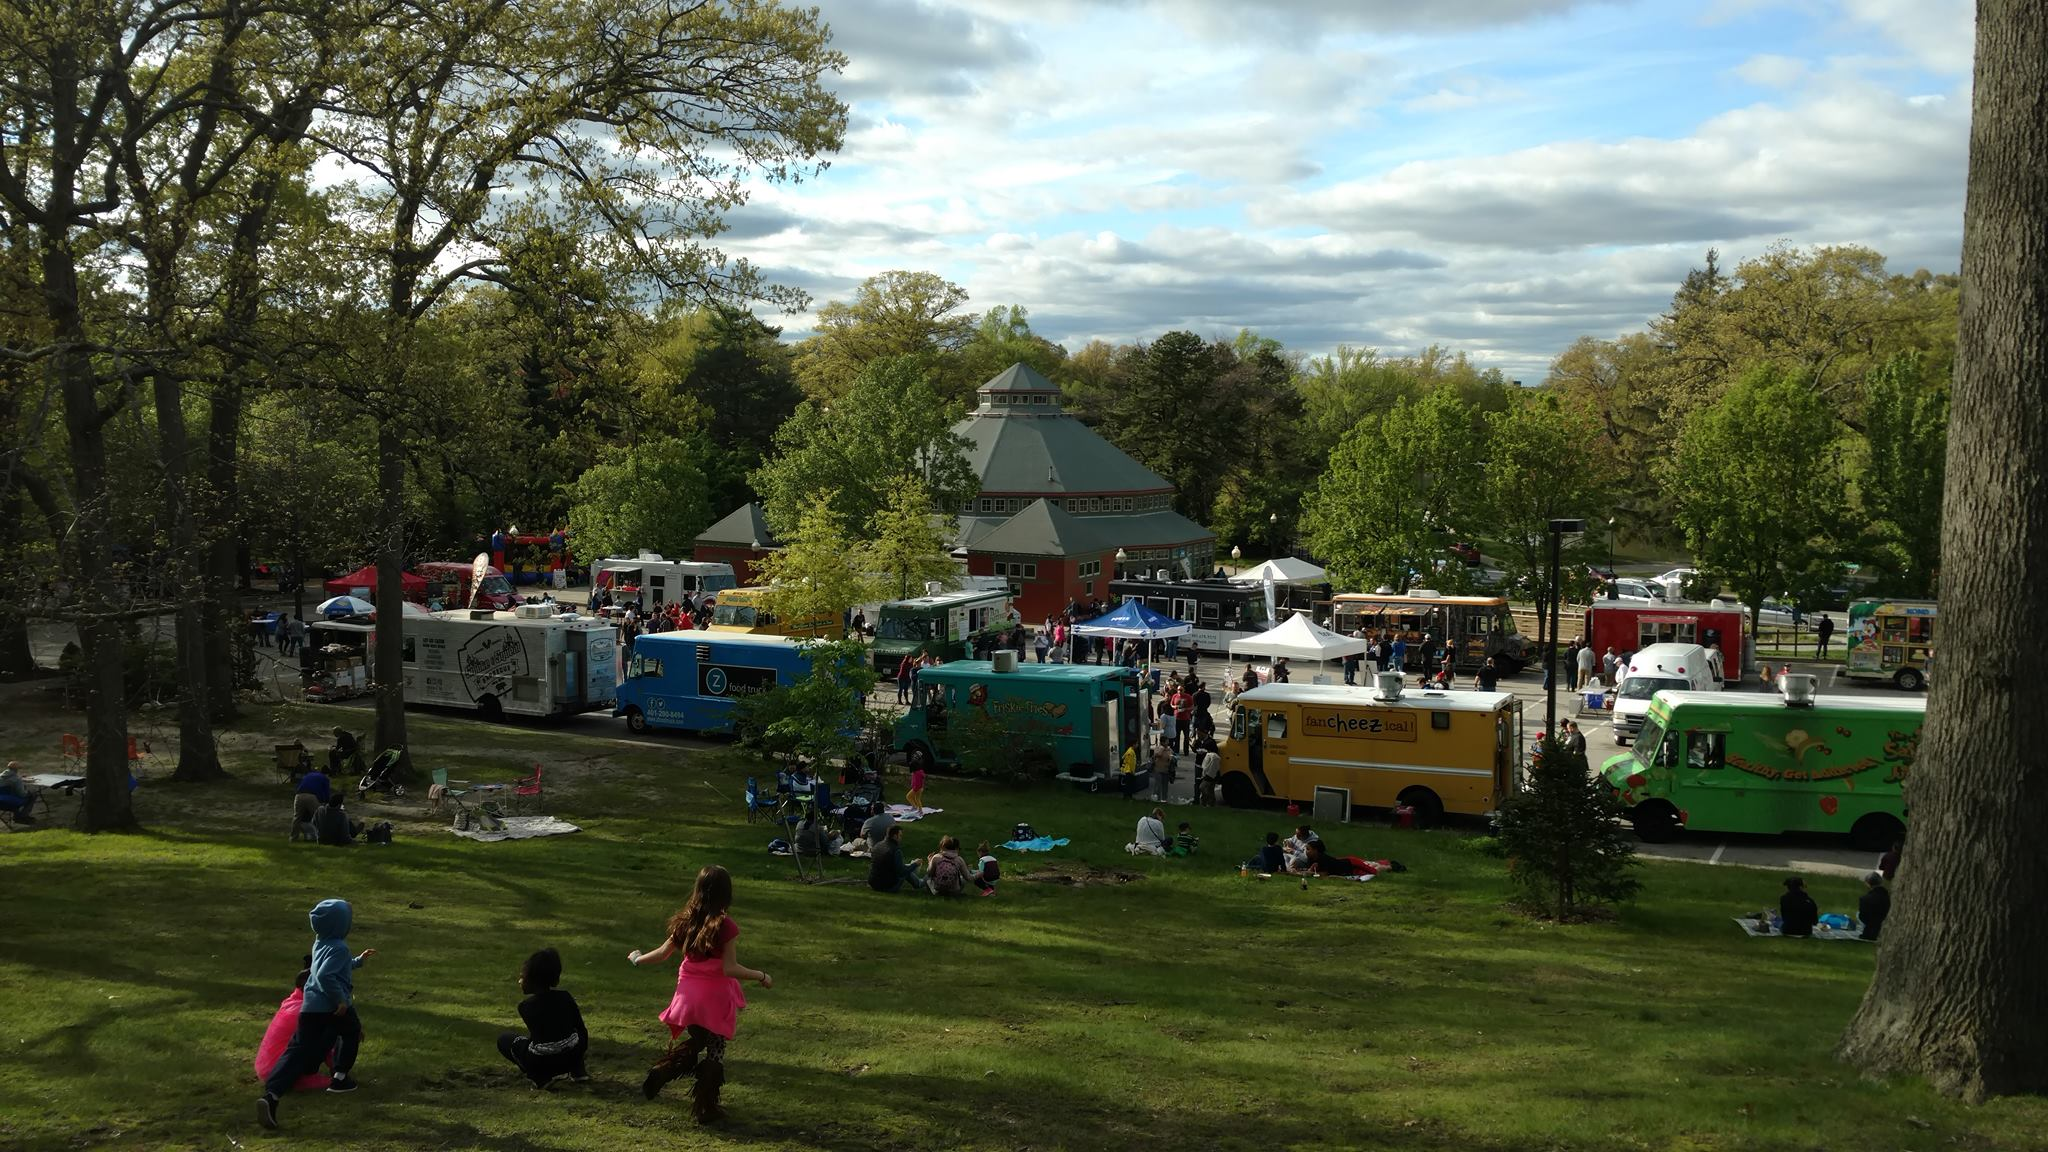 Warwick Ri Food Truck Festival